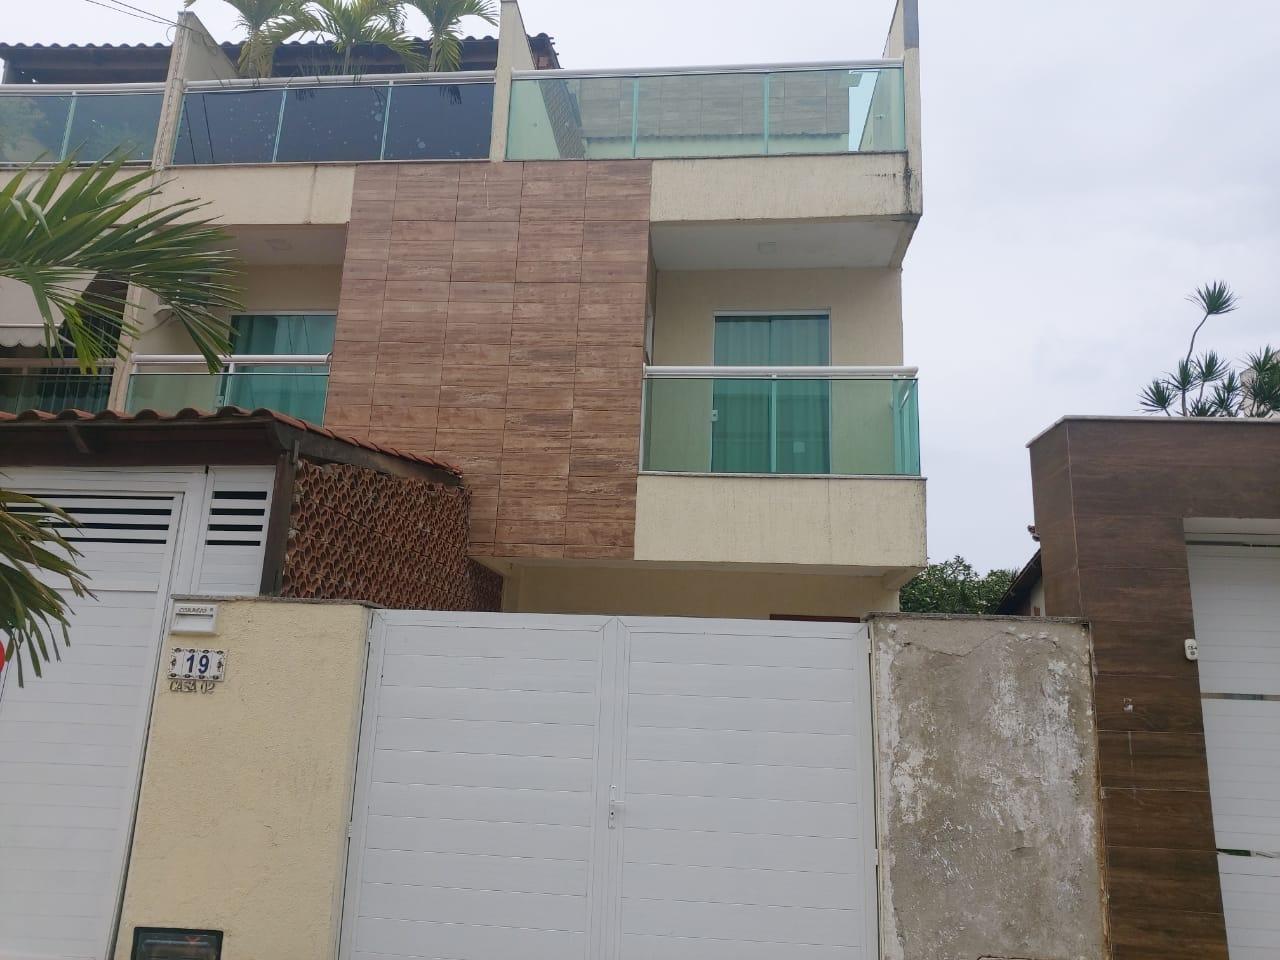 CASA TRIPLEX COM 122M² NO RECREIO DOS BANDEIRANTES